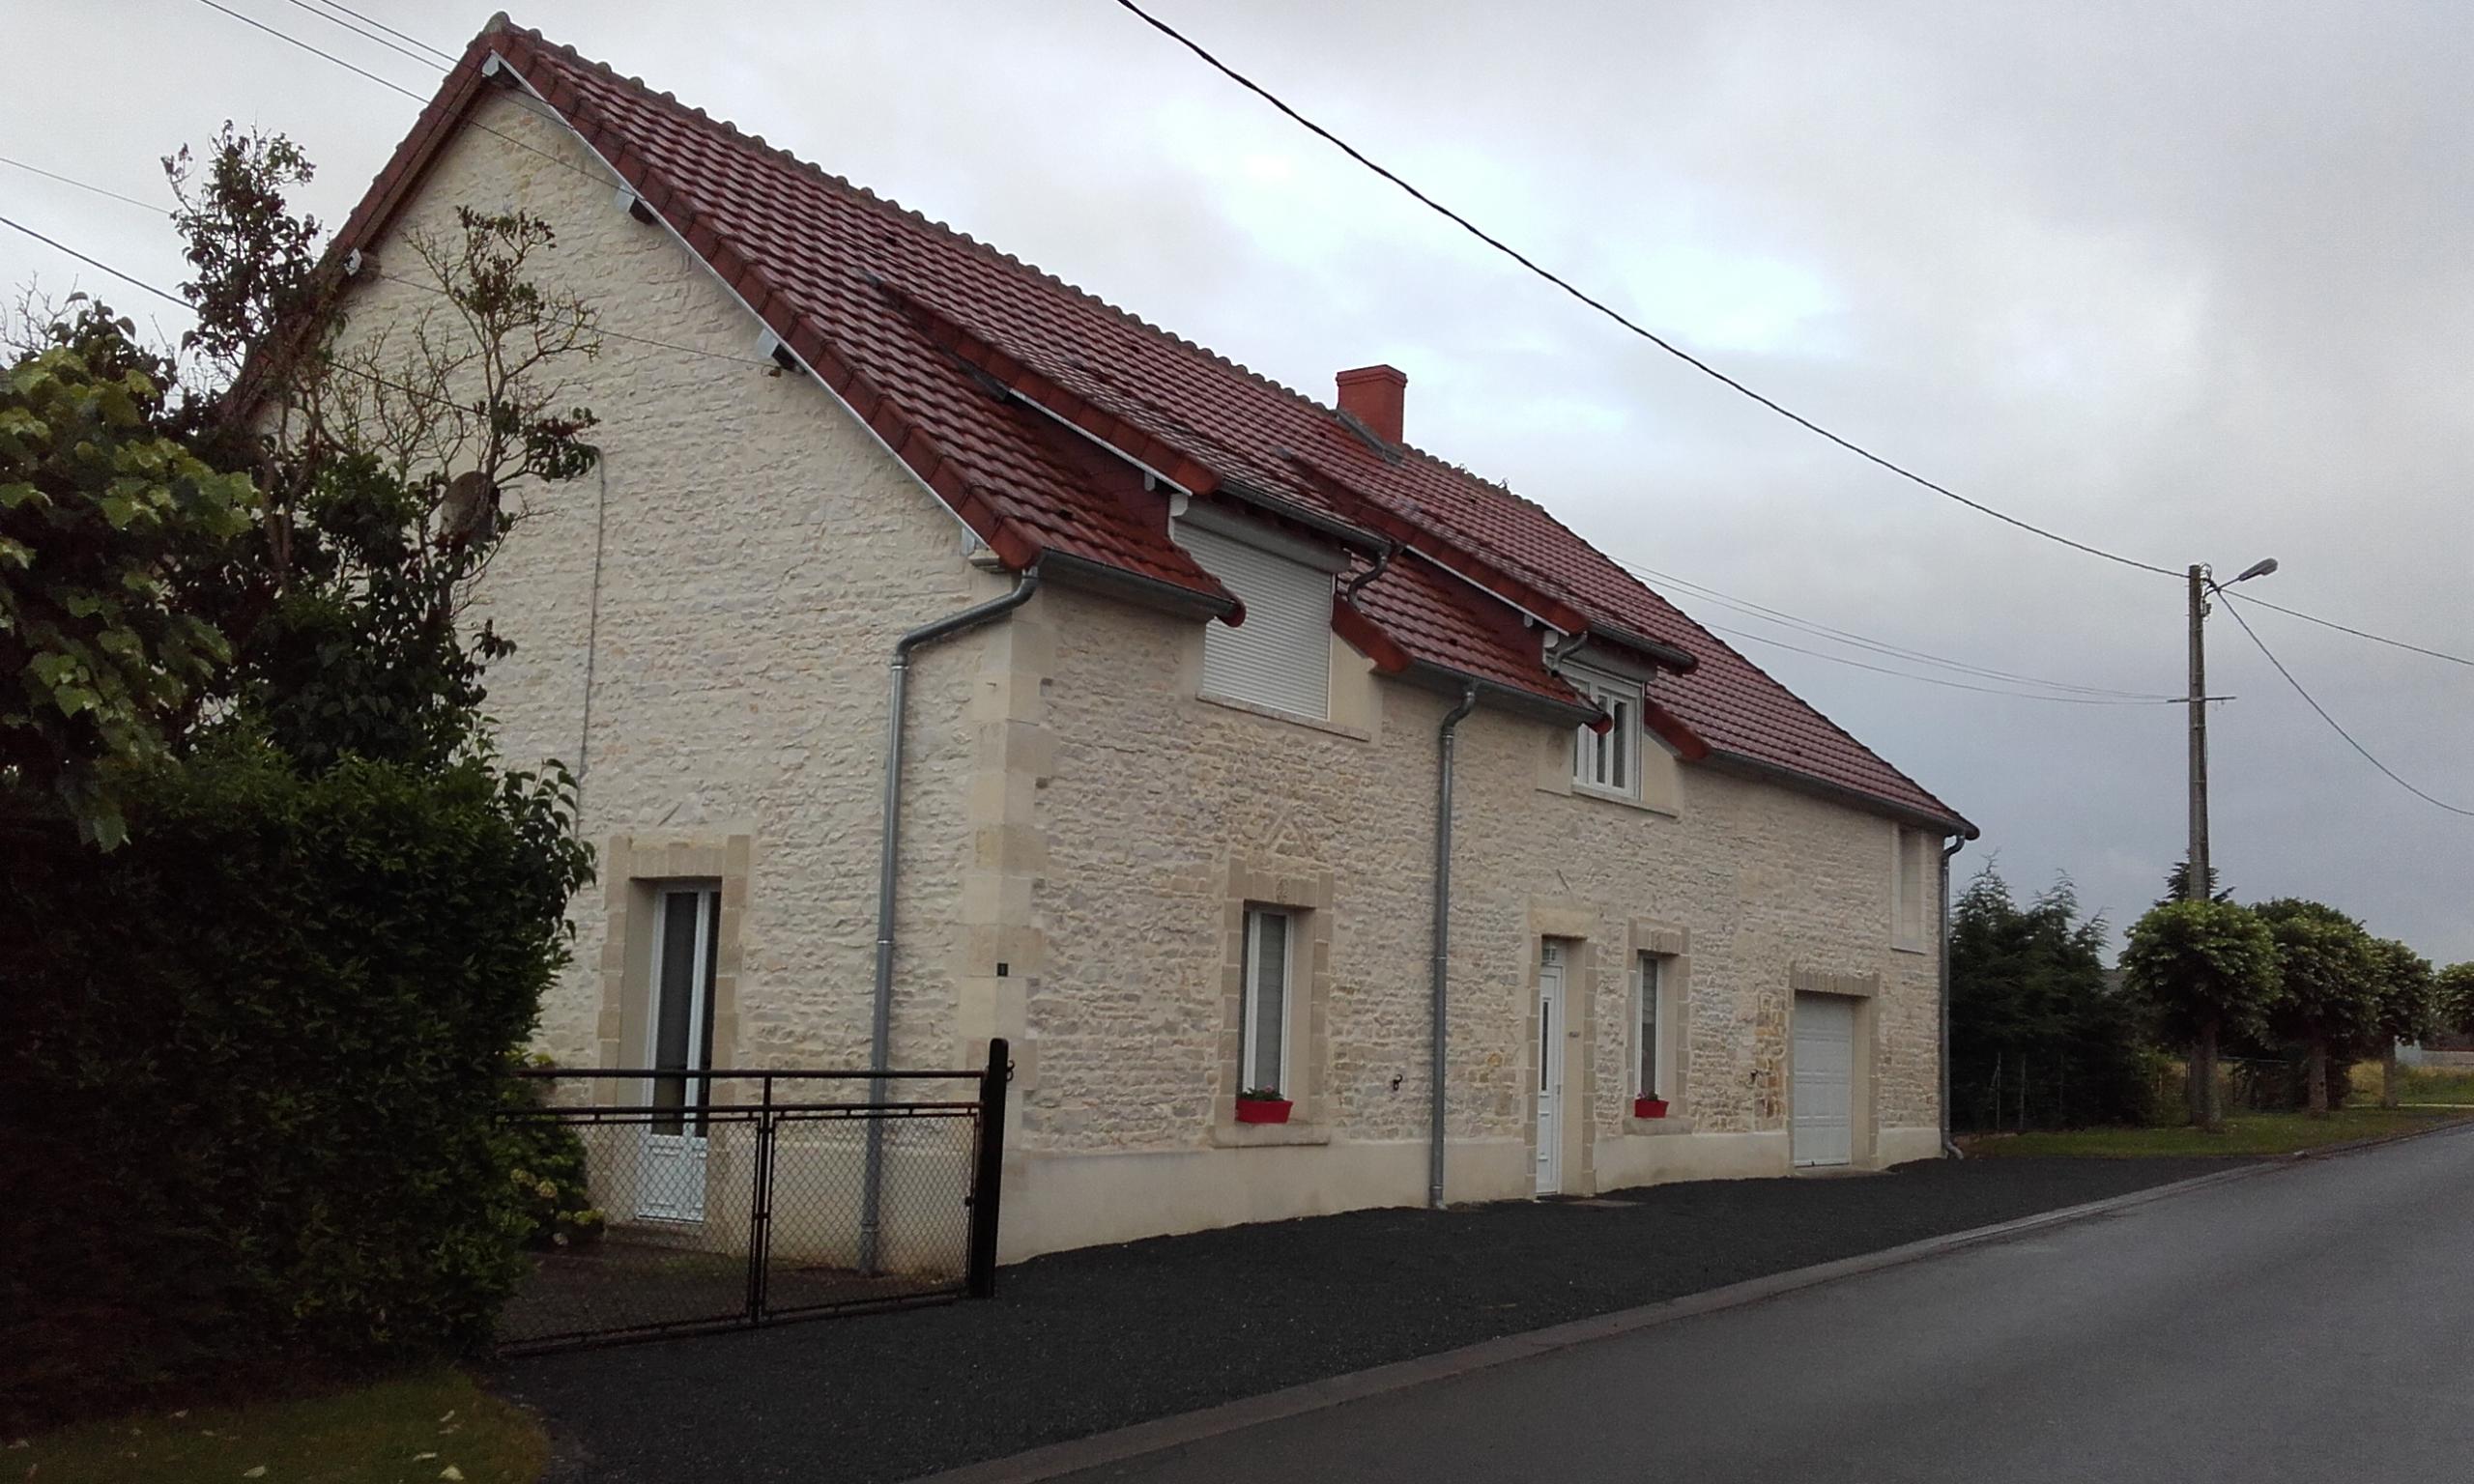 Maison de charme bourges for Asilo masi maison de charme